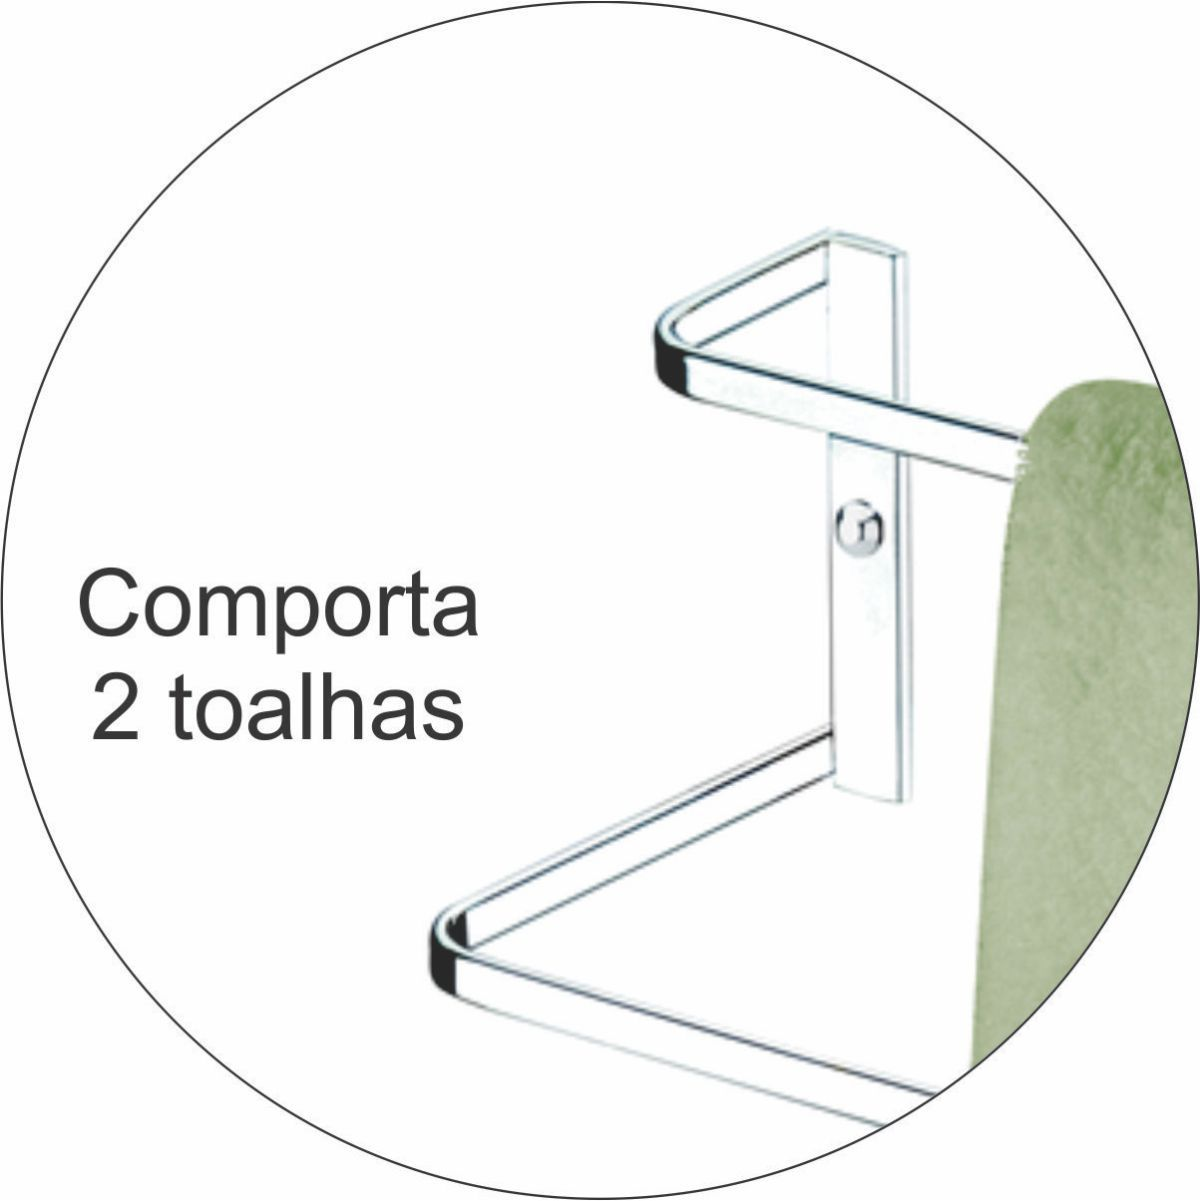 Kit Suportes Banheiro Saboneteira Papeleira Toalheiro 45cm